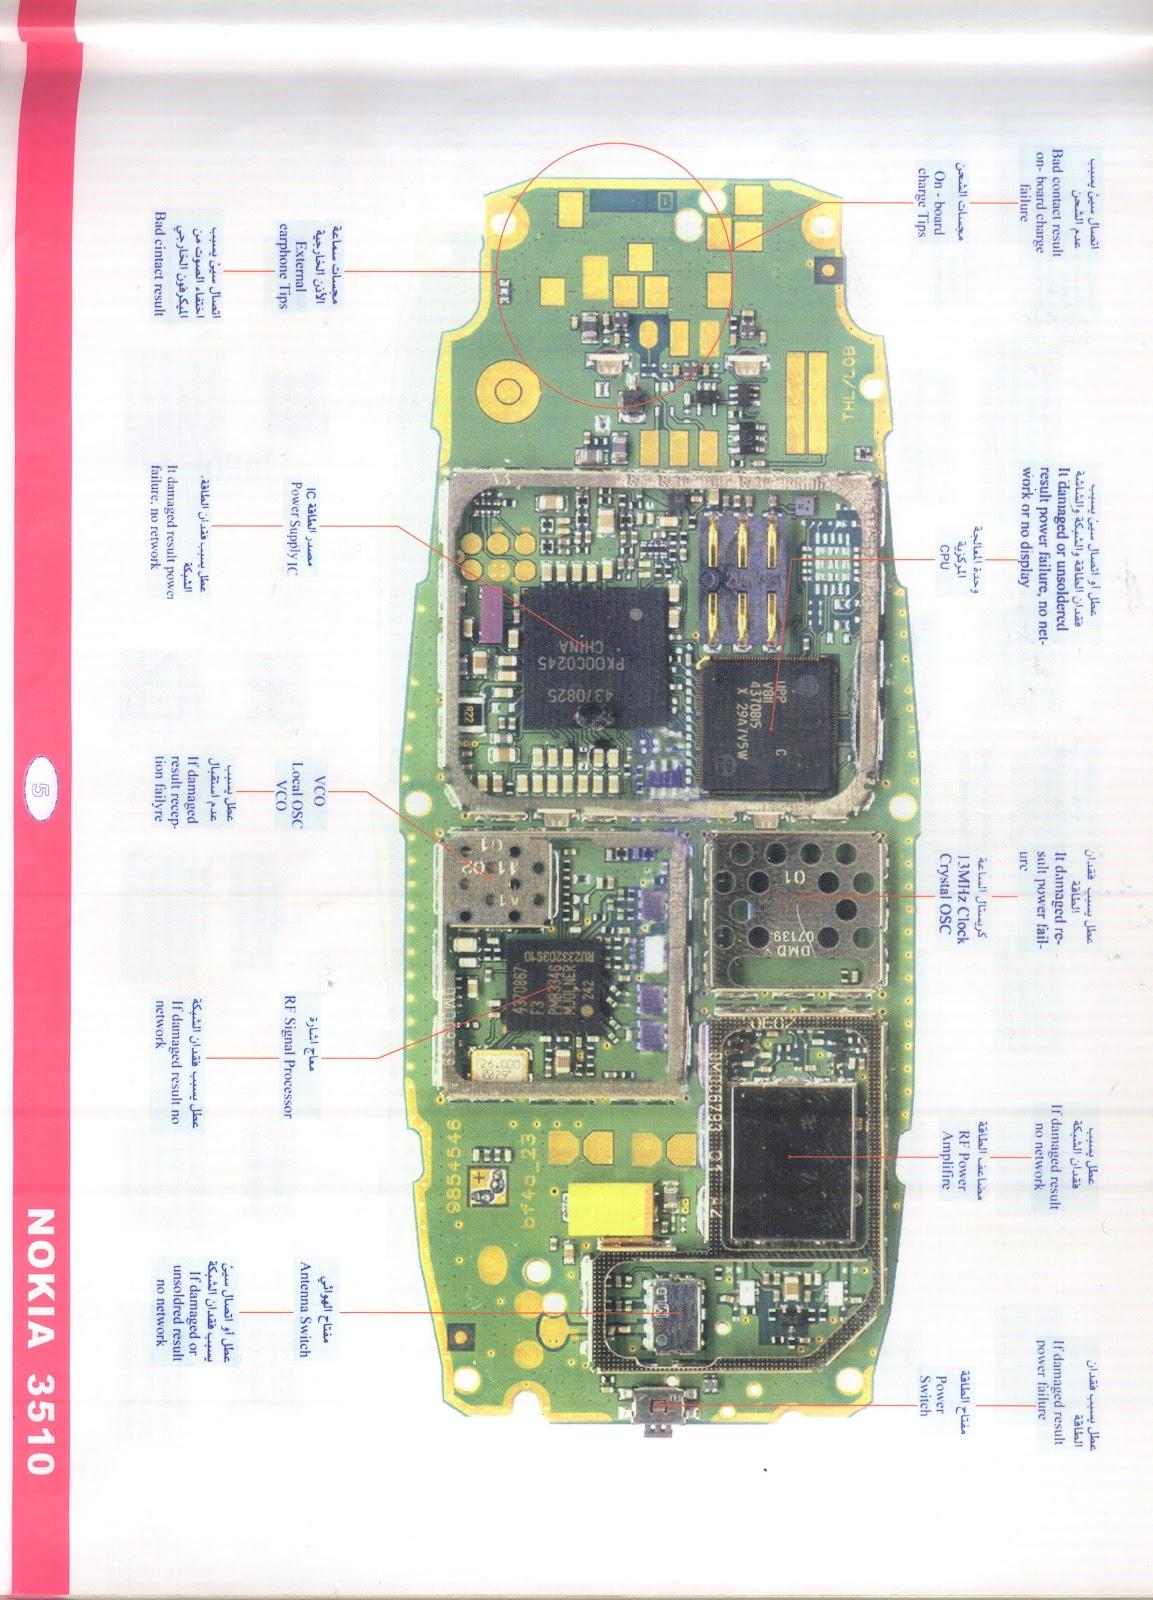 Nokia 3510 Circuit Board Details Mobile Reparing